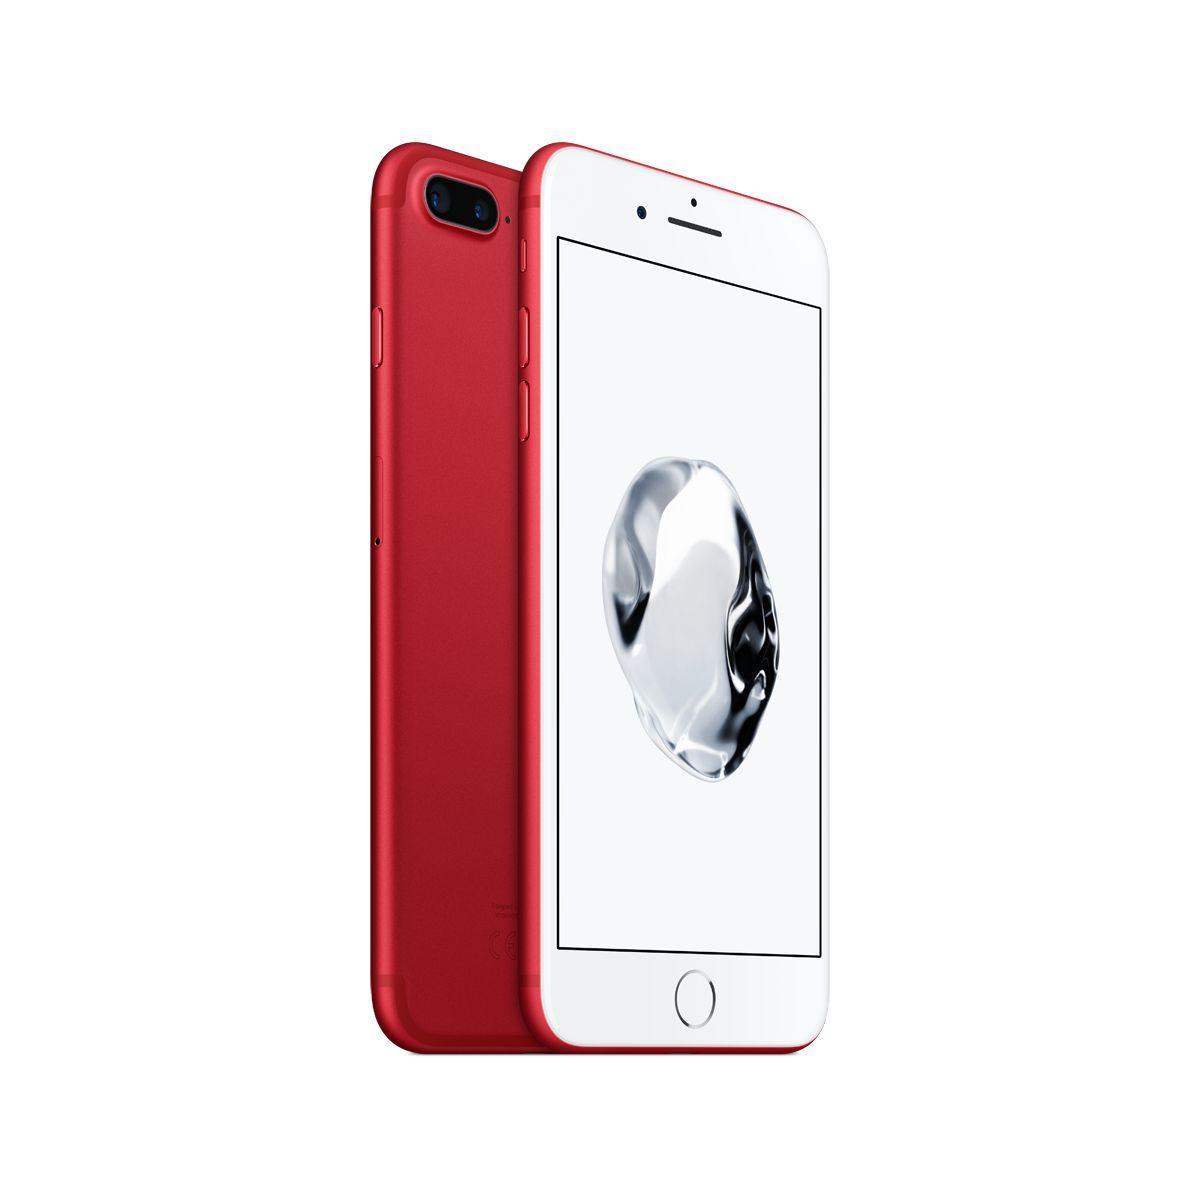 Apple iphone 7 plus 256go rouge - livraison offerte : code livrelais (photo)